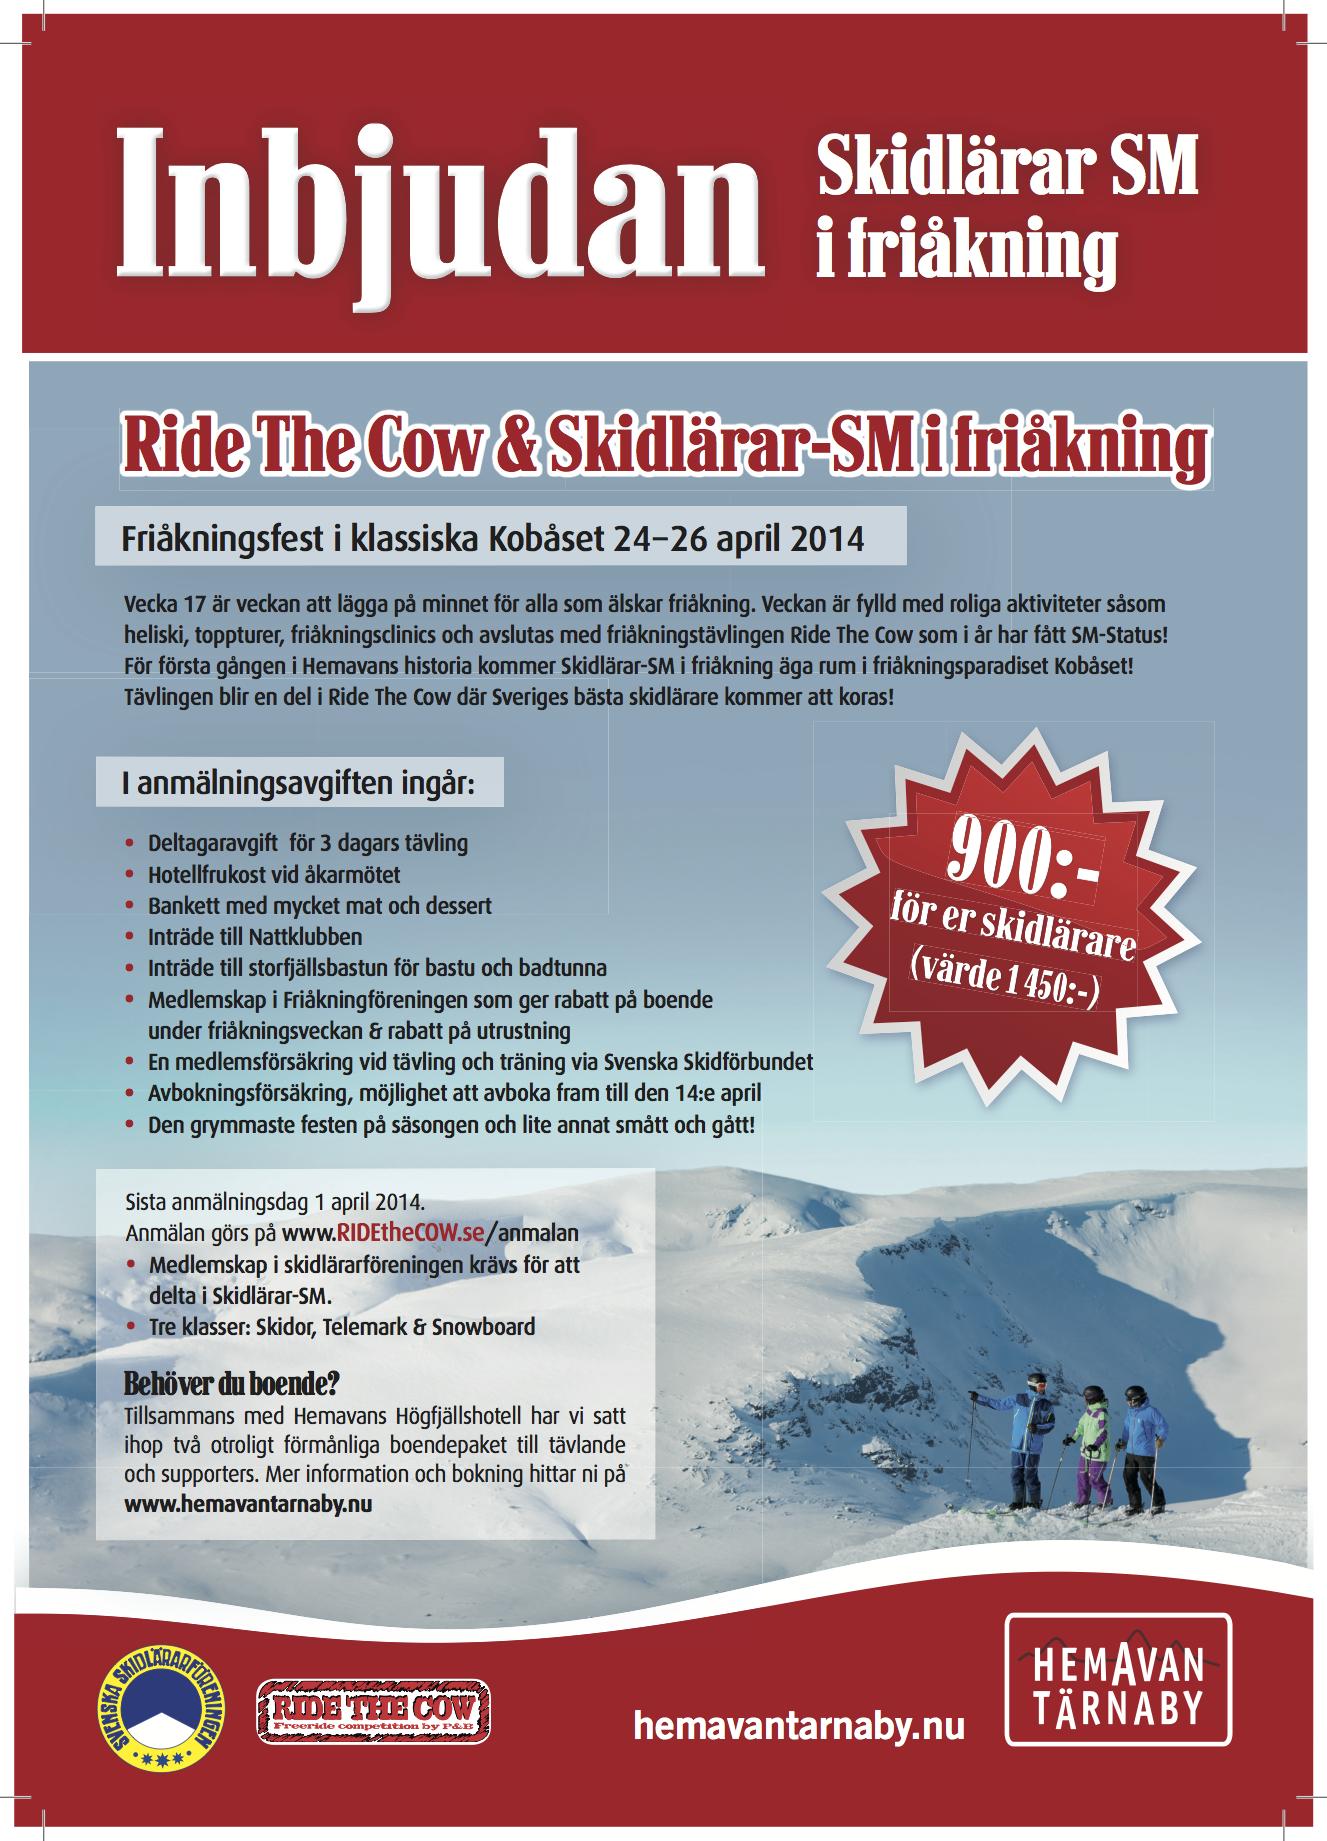 Inbjudan till Friåknings SM 2014